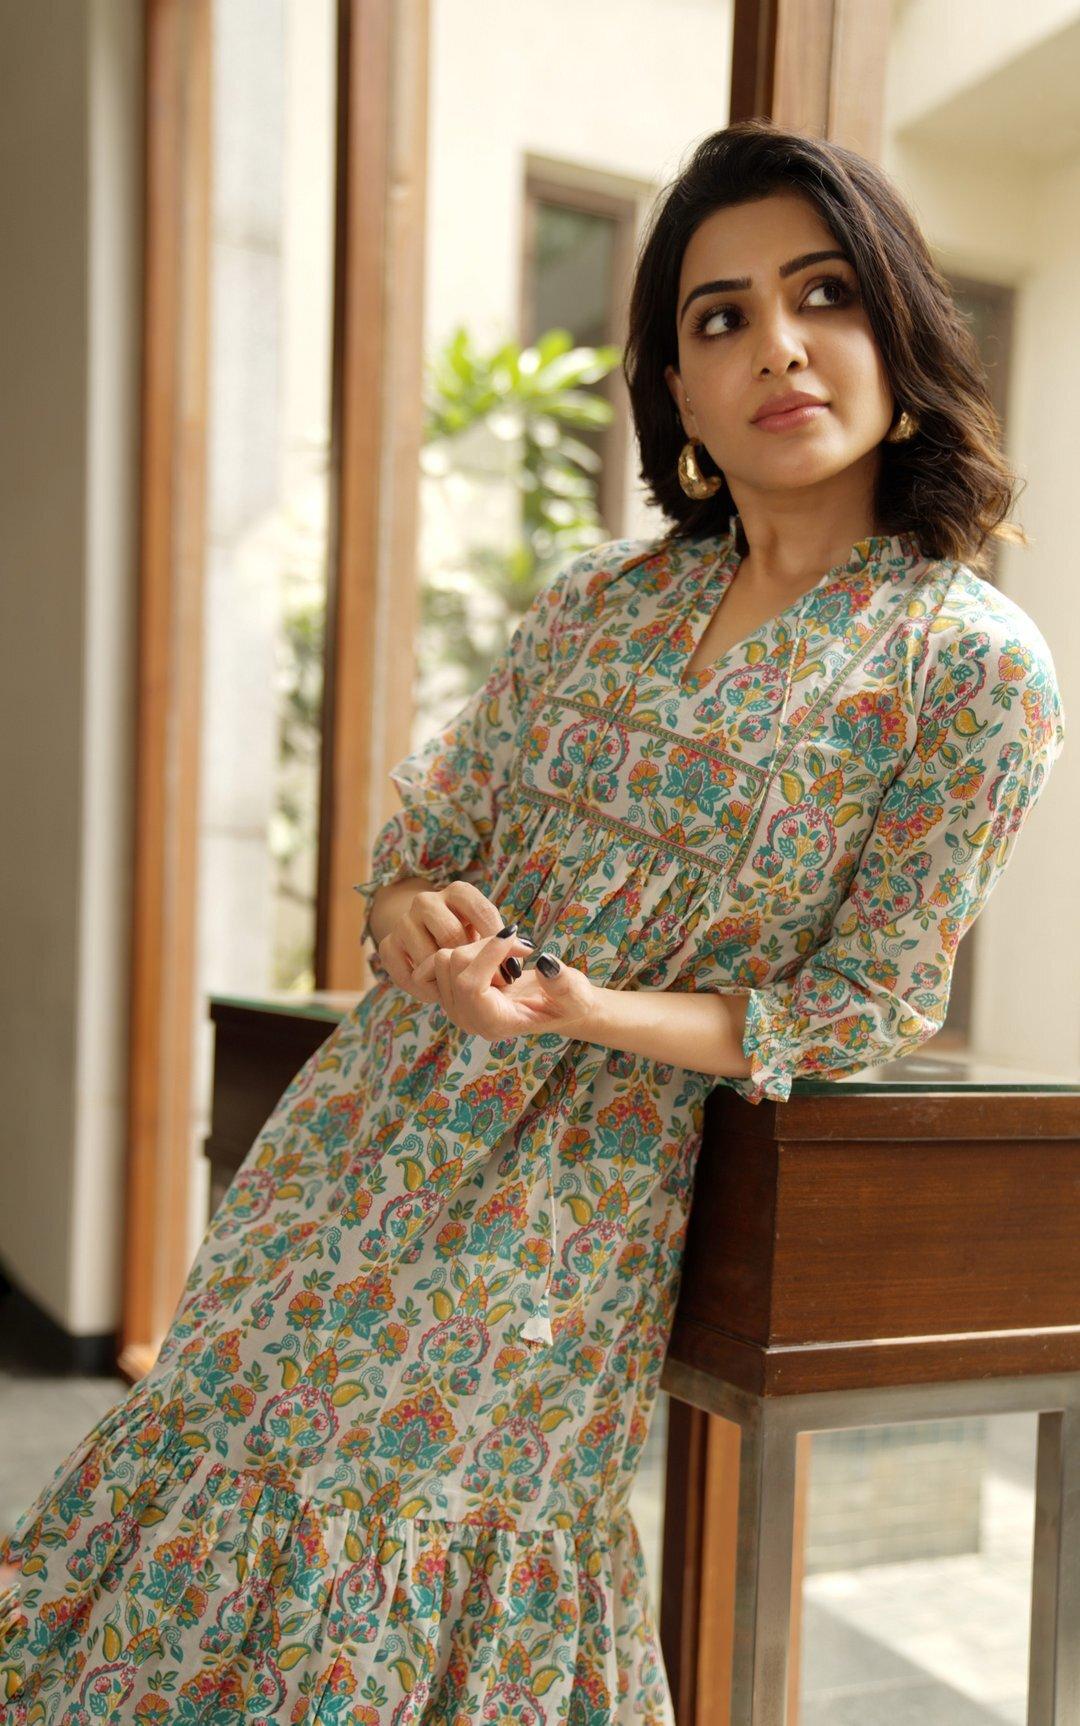 SamanthaAkkineni: స్మైలీ బ్యూటీ సామ్ ఇంట హాట్ గా ఎపుడు చూసి ఉండరు (ఫొటోస్)